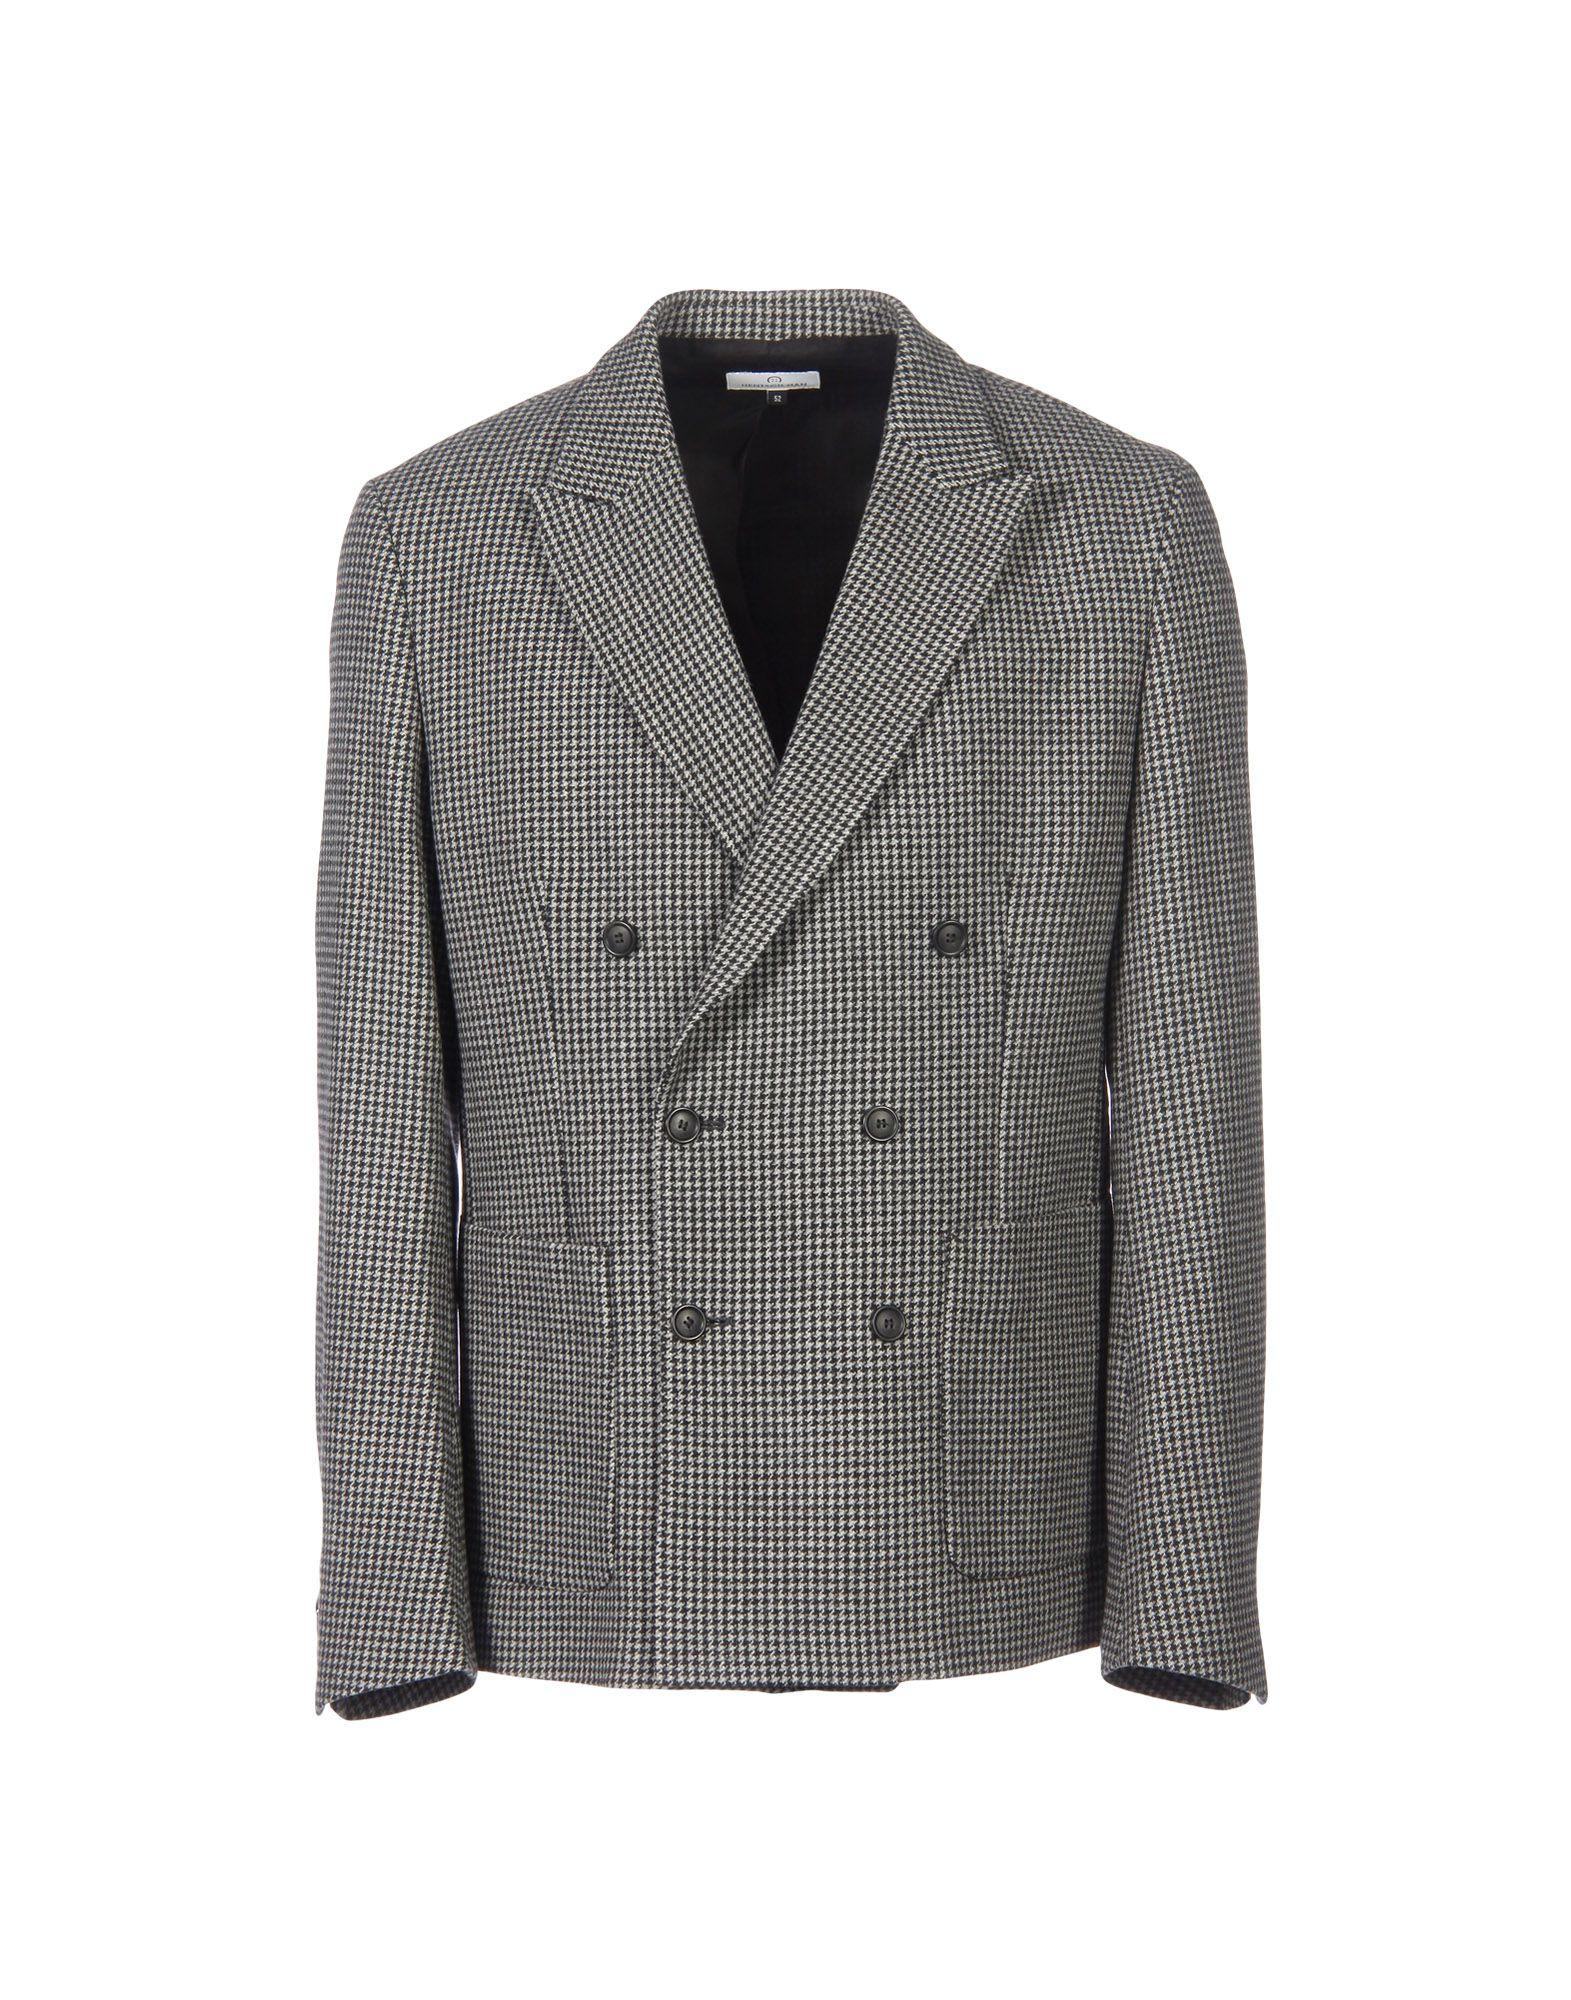 HENTSCH MAN Blazers in Grey